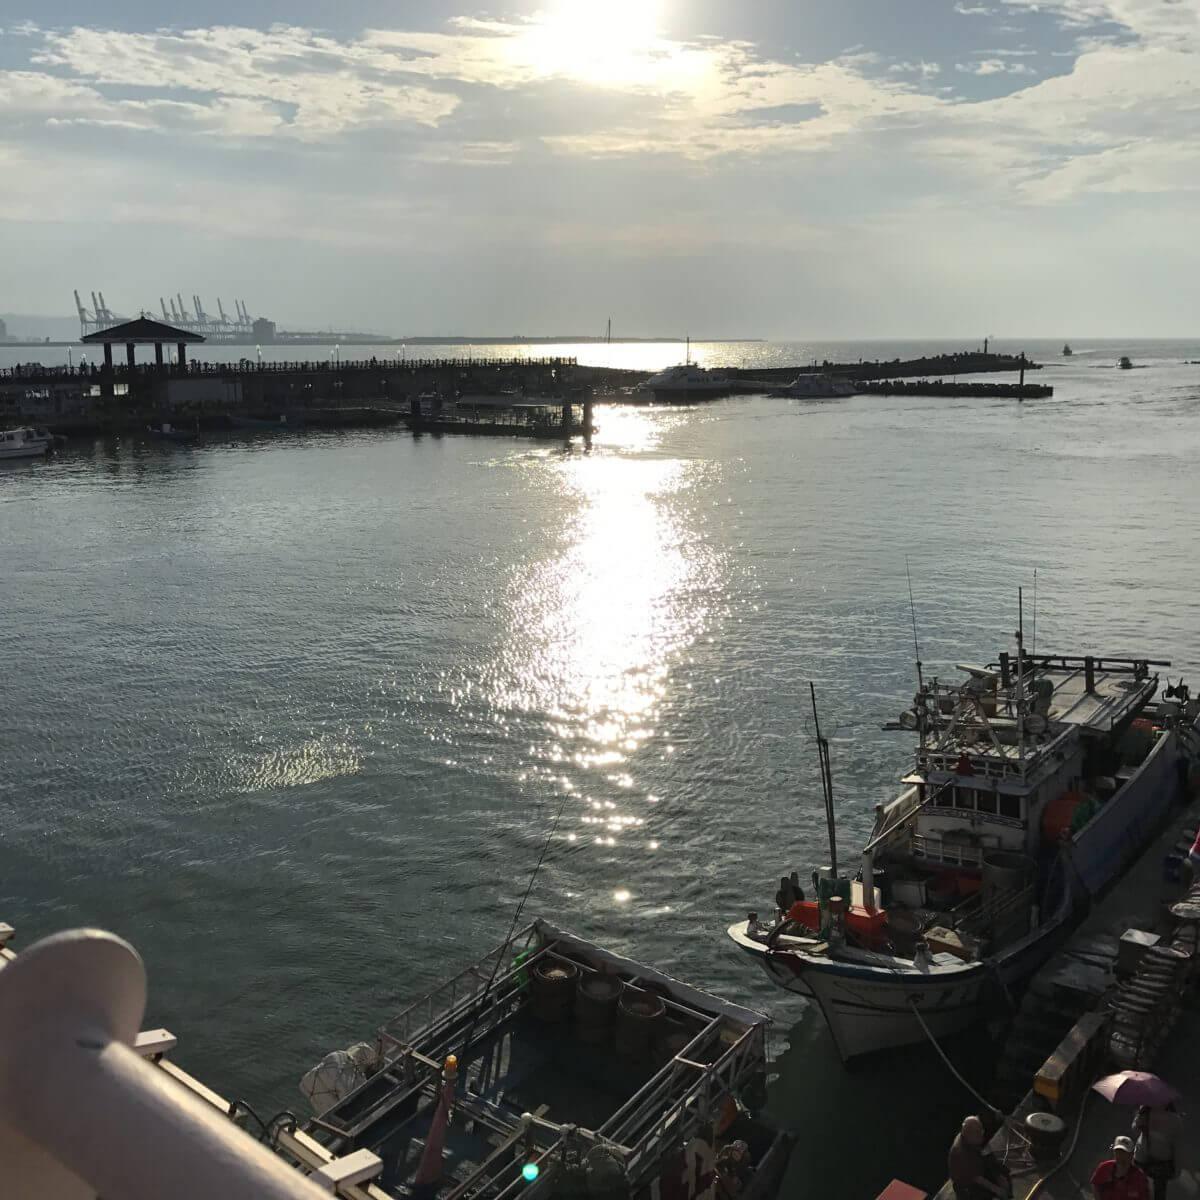 【淡水 観光】台北 淡水 で夕日まで楽しむ半日プラン〜台北に来たら何度でも行きたい場所!